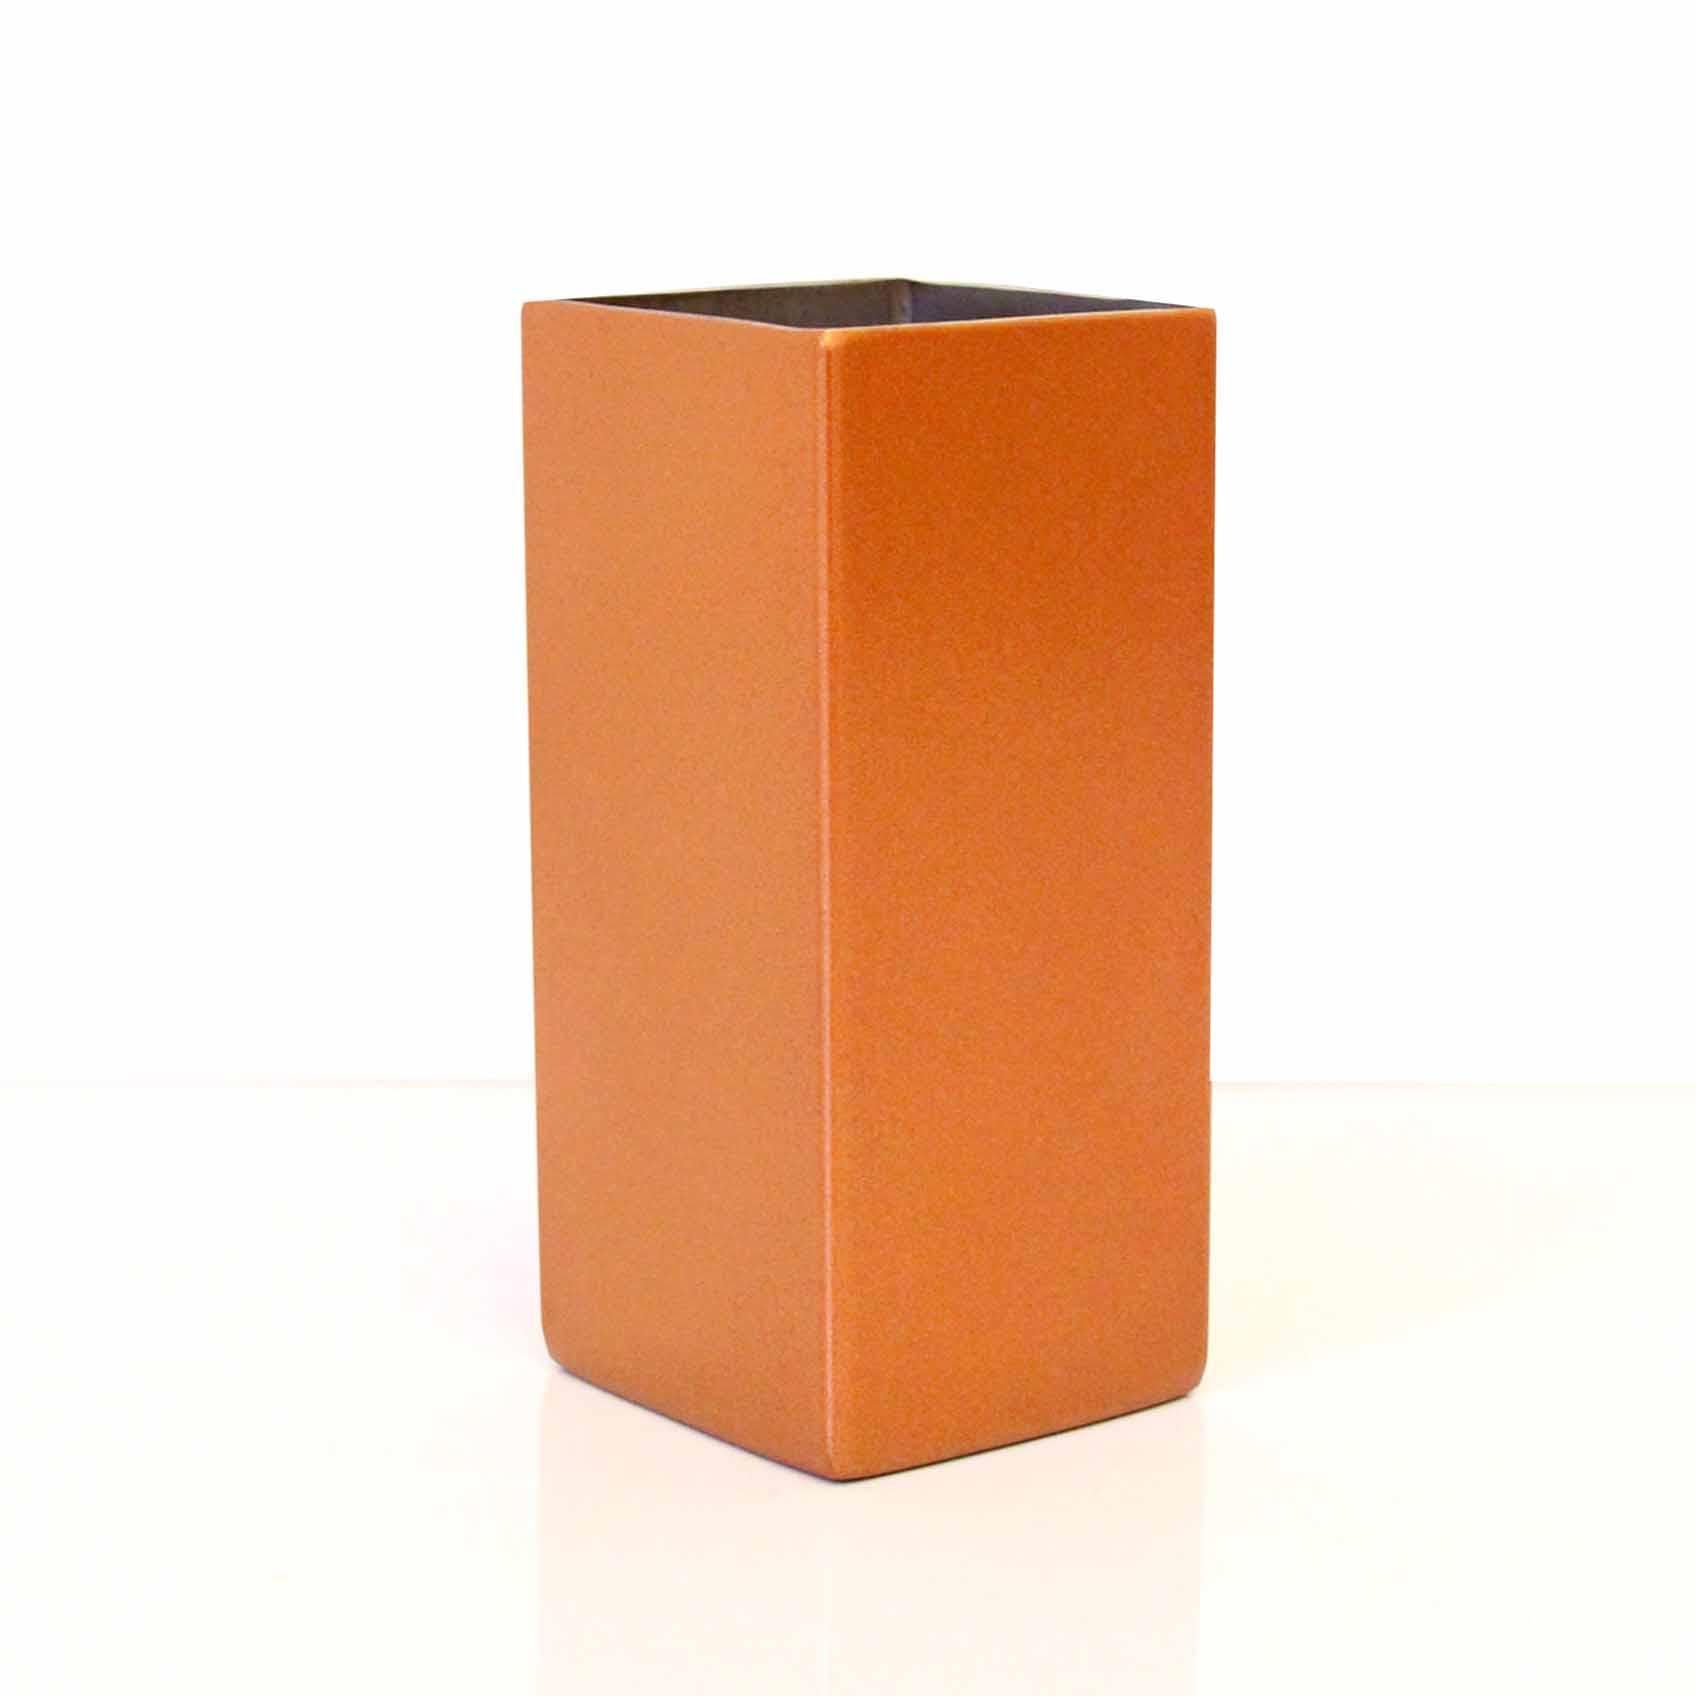 Copo Inox para Tereré Quadrado - Bronze